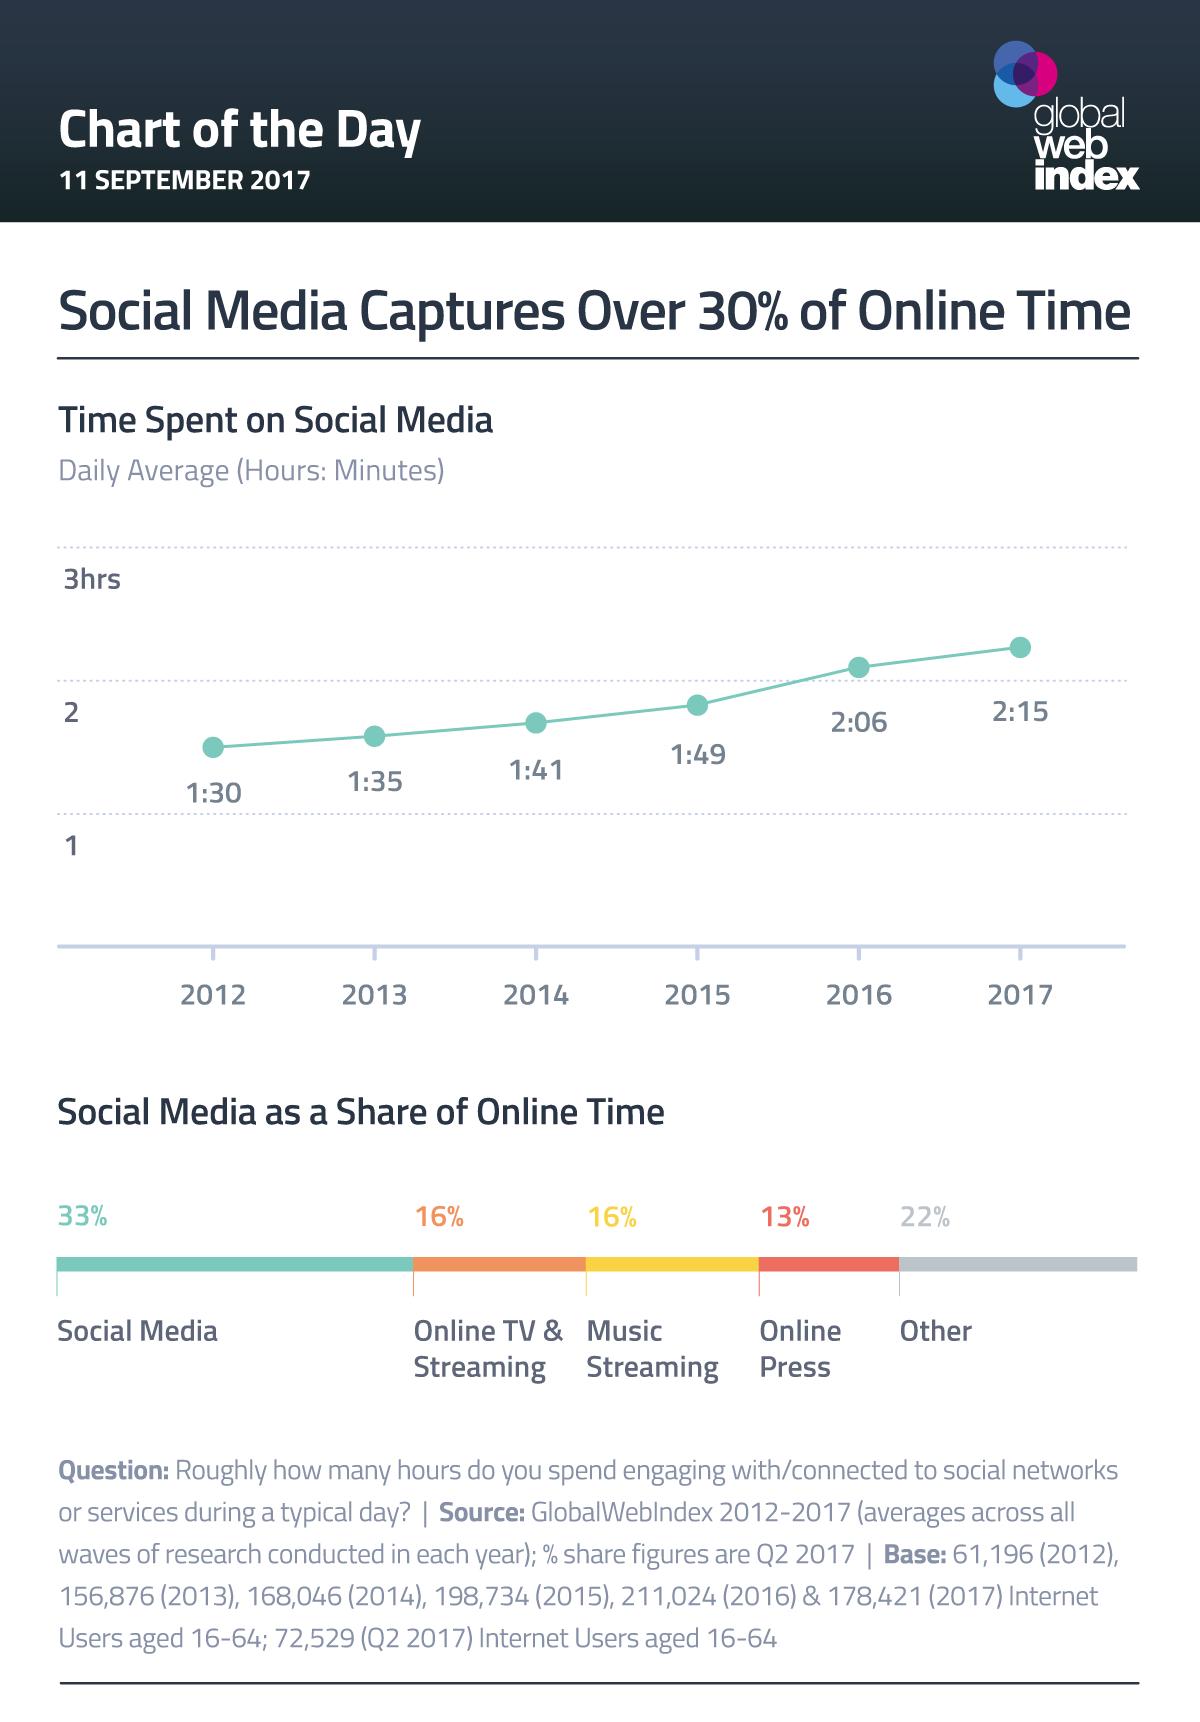 Social Media Captures Over 30% of Online Time